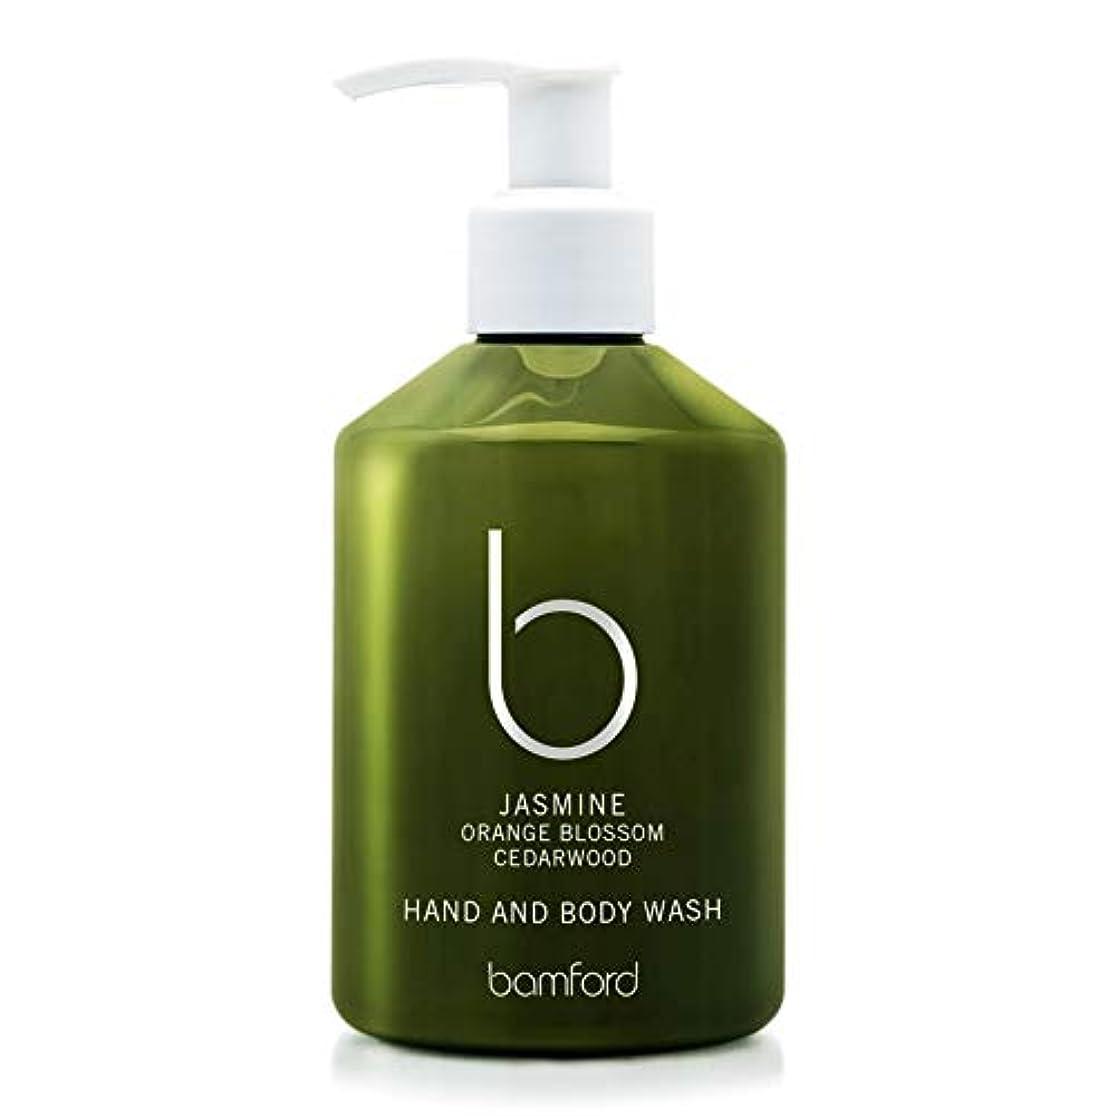 コンクリート振幅適応する[Bamford ] バンフォードジャスミンの手とボディウォッシュ250ミリリットル - Bamford Jasmine Hand and Body Wash 250ml [並行輸入品]